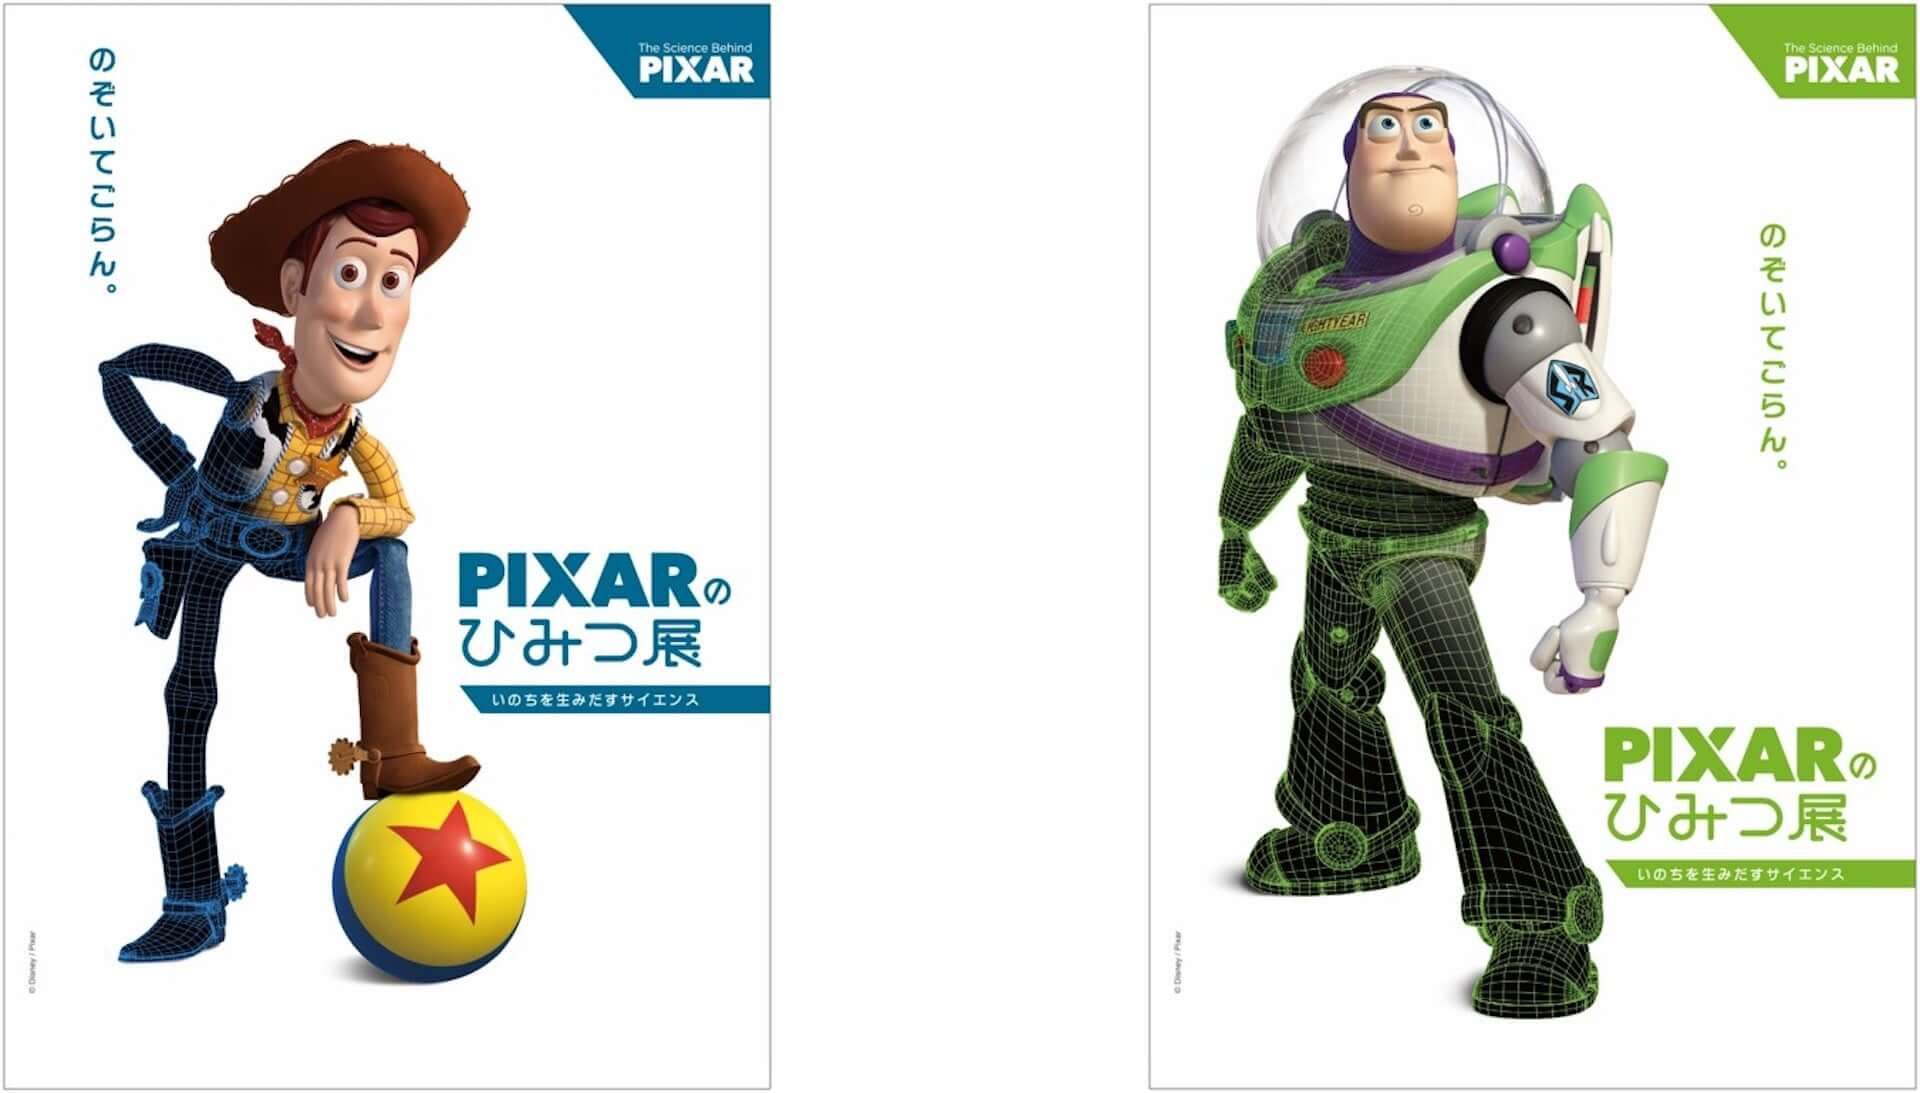 『トイ・ストーリー』25周年記念!ピクサー作品をテーマにしたコンテンツが多数展開&バズ・ライトイヤー初期スケッチも日本初公開 art201008_disney-pixar_14-1920x1093